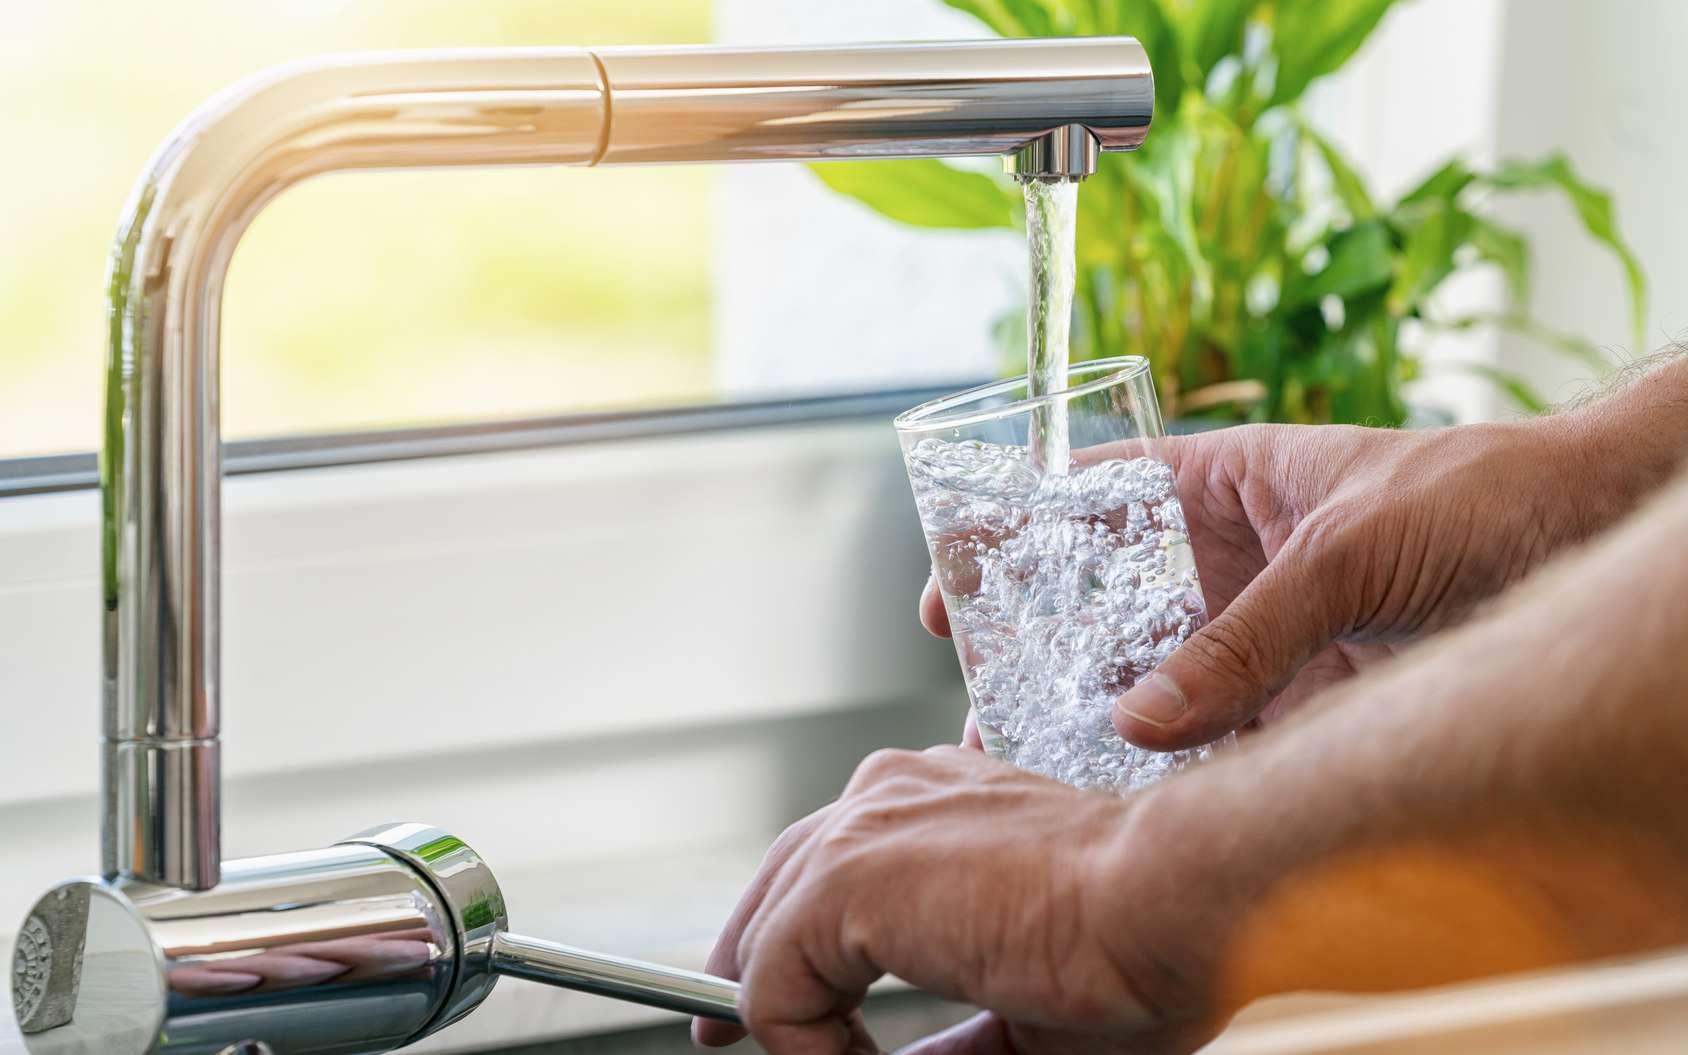 L'eau du robinet est un produit alimentaire très surveillé. © rcfotostock, Fotolia